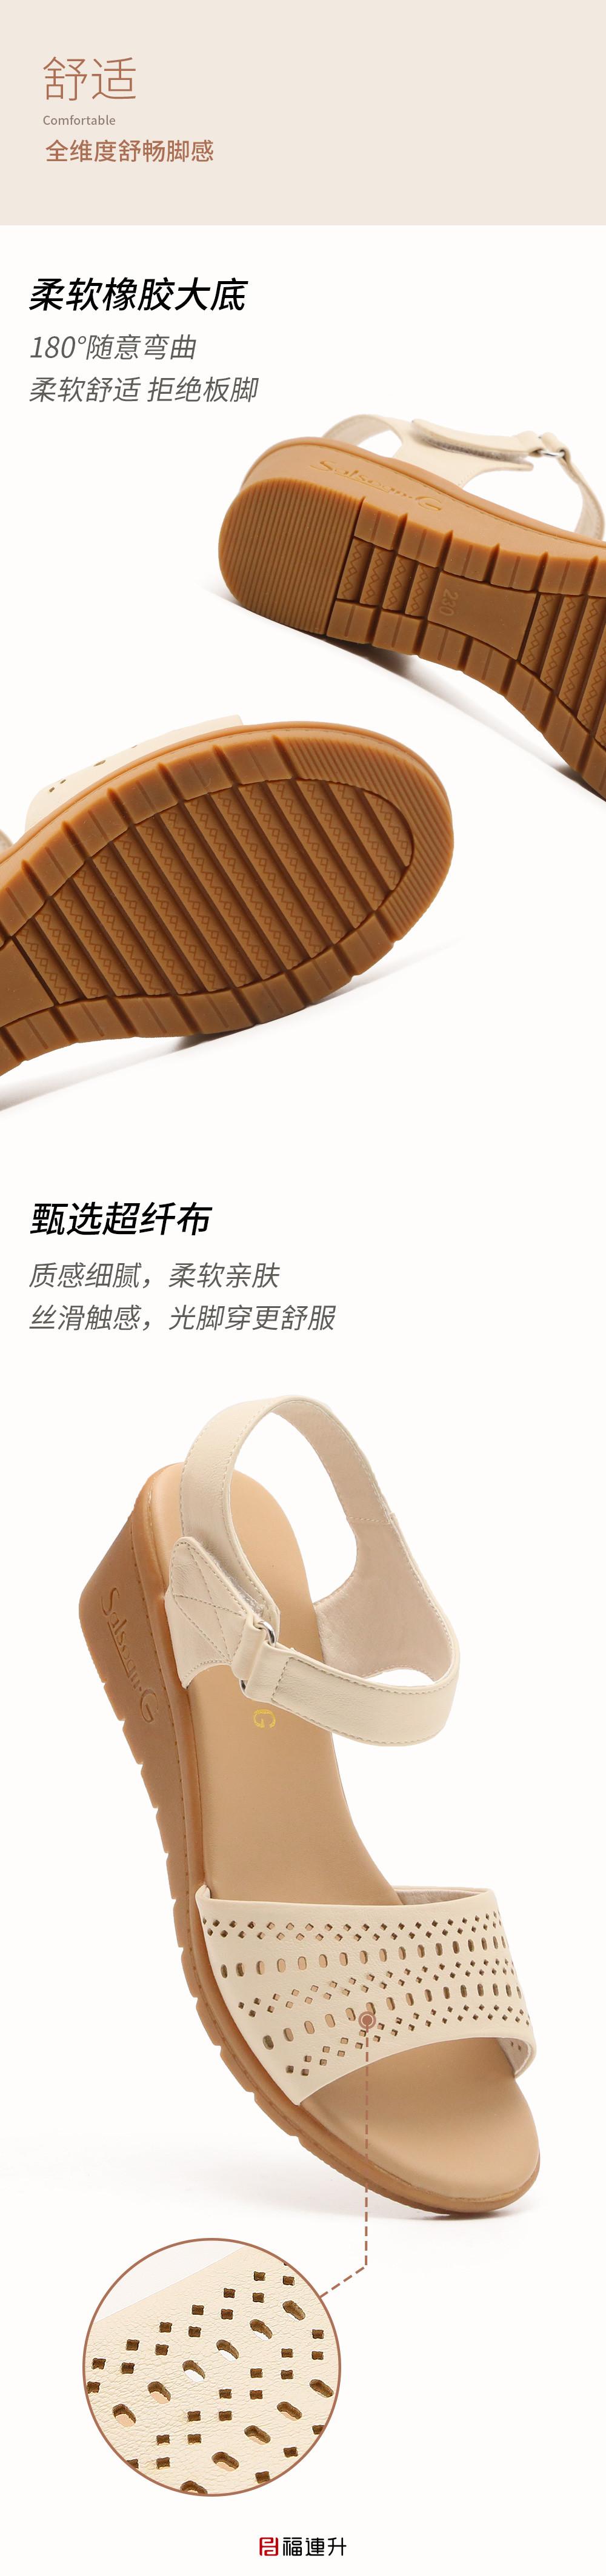 福连升舒适妈妈凉鞋 女款夏季中年舒适坡跟女鞋图片